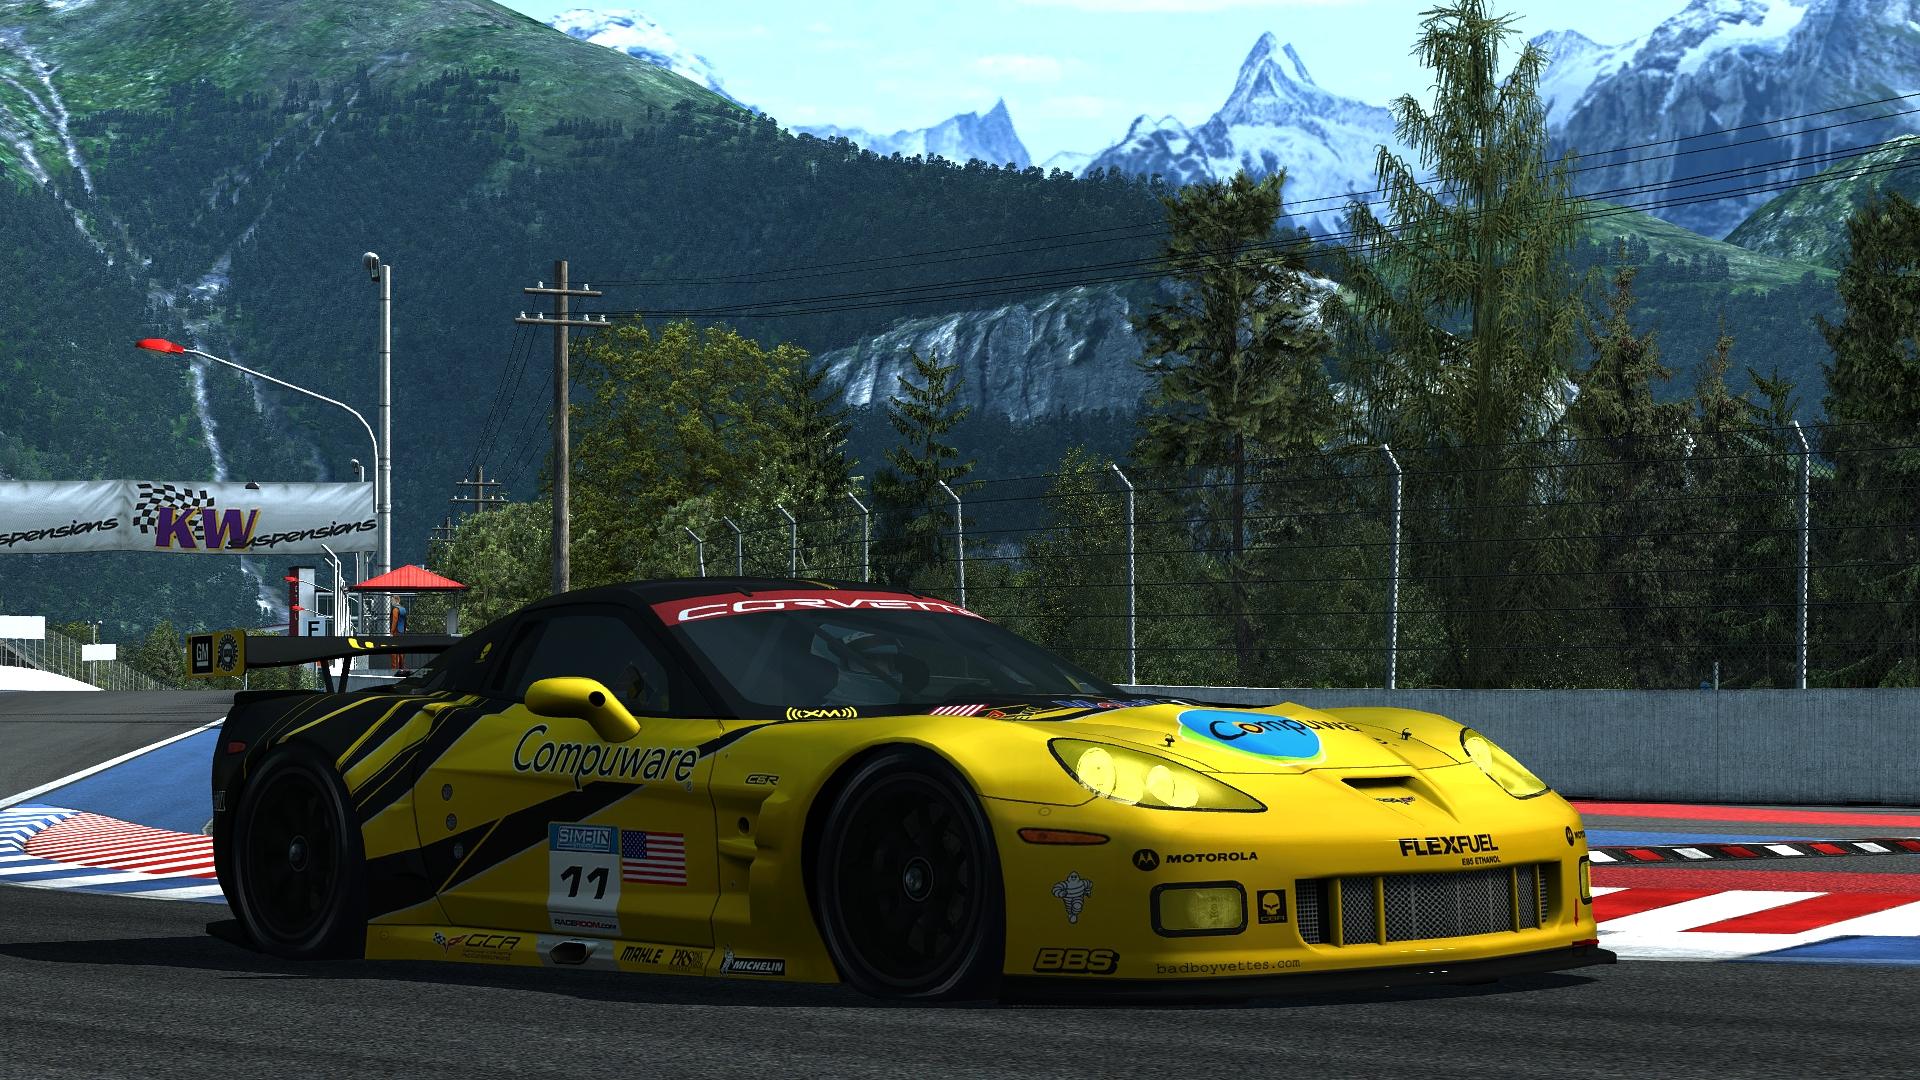 Corvette C6R GT2 - R3E Raceway